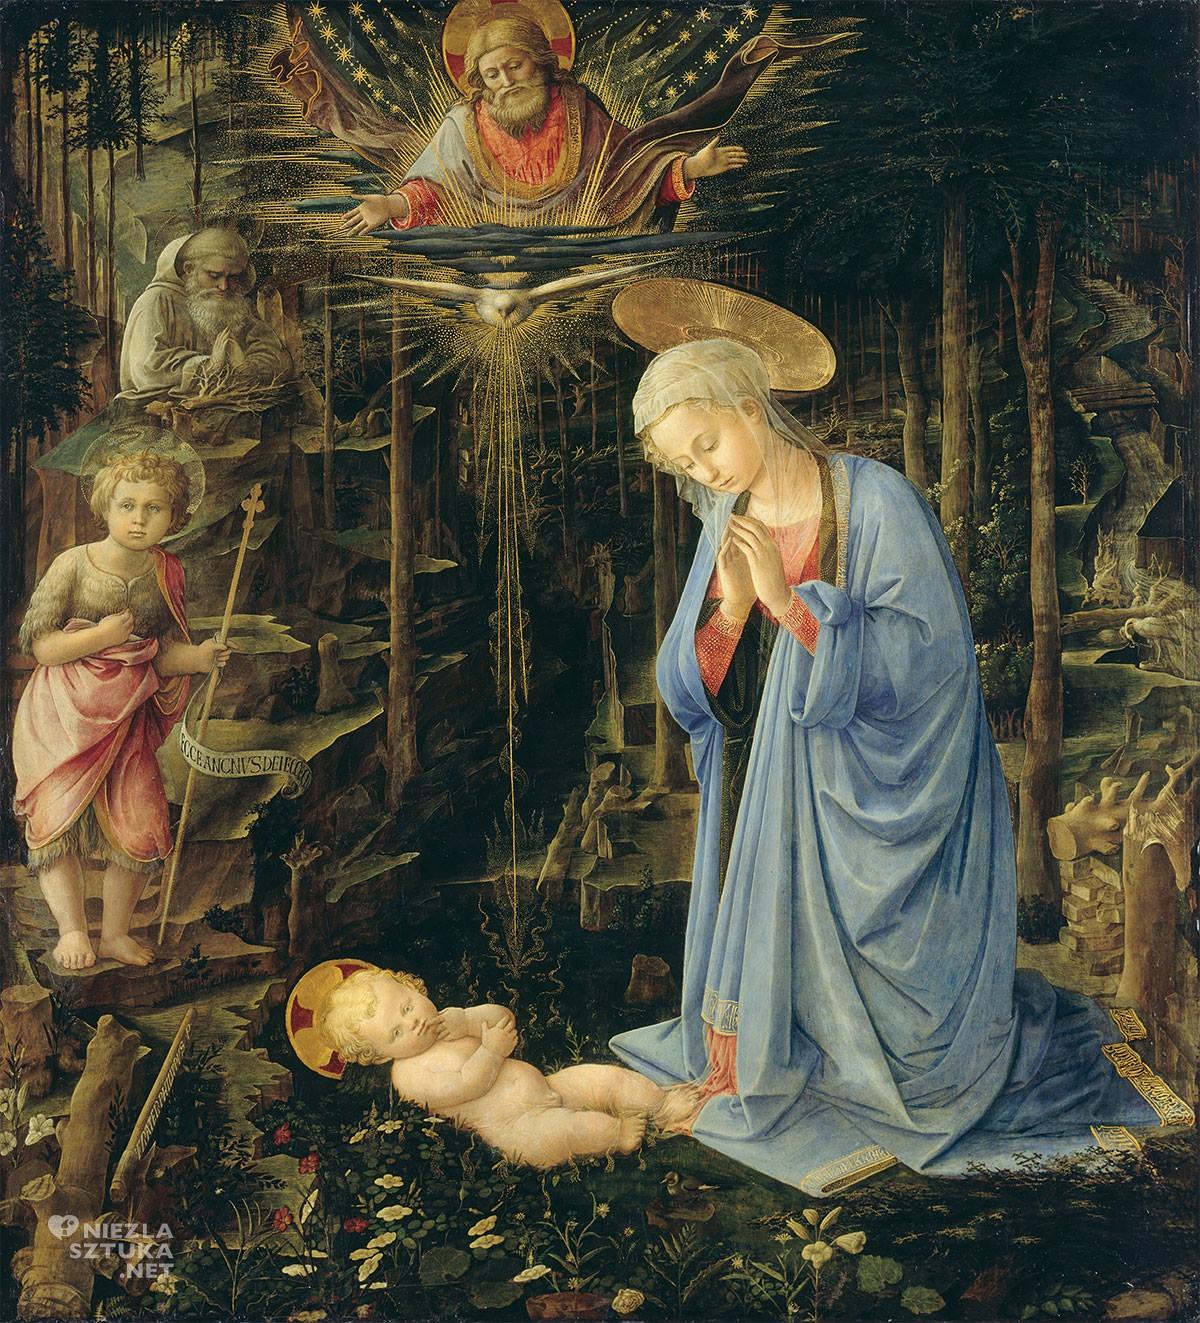 Fra Filippo Lippi, Adoracja ze św. Janem i św. Bernardem, Adoracja, Maria z dzieciątkiem, Gemaldegalerie, Berlin, Niezła sztuka